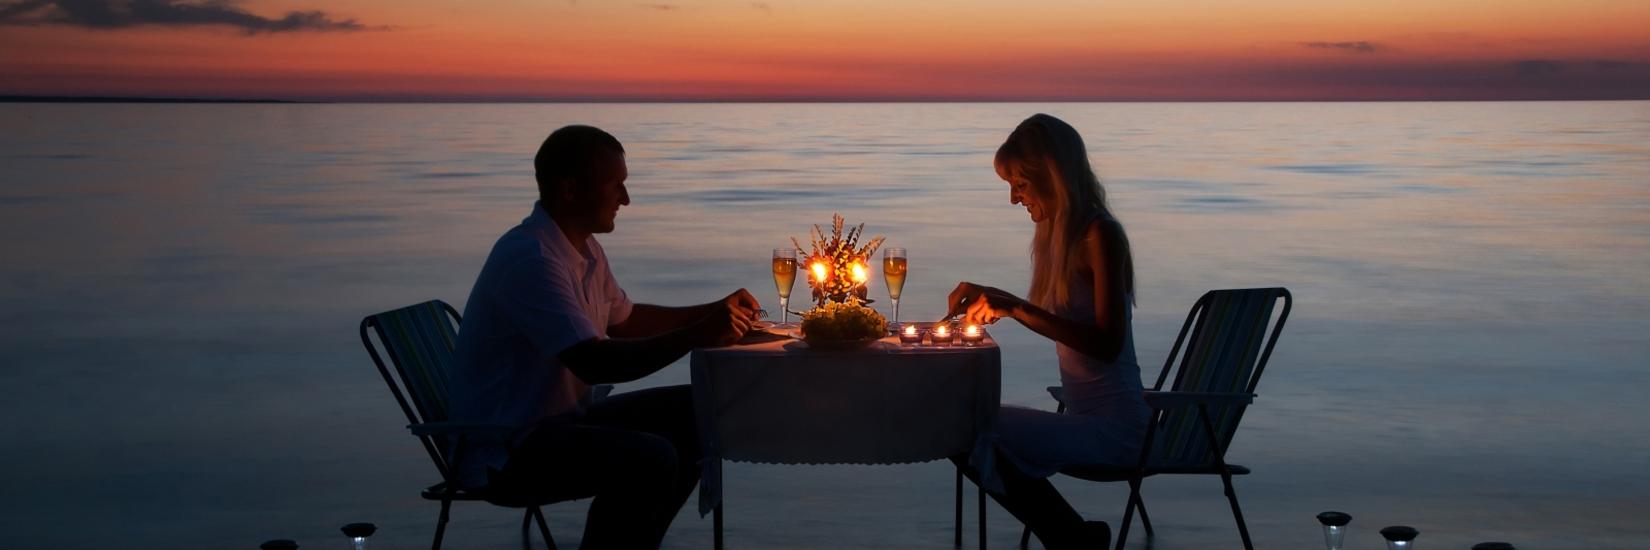 ROMANTIC SUNSET COUPLE HEALTHY HOMEMADE DINNER  BOTTLE OF